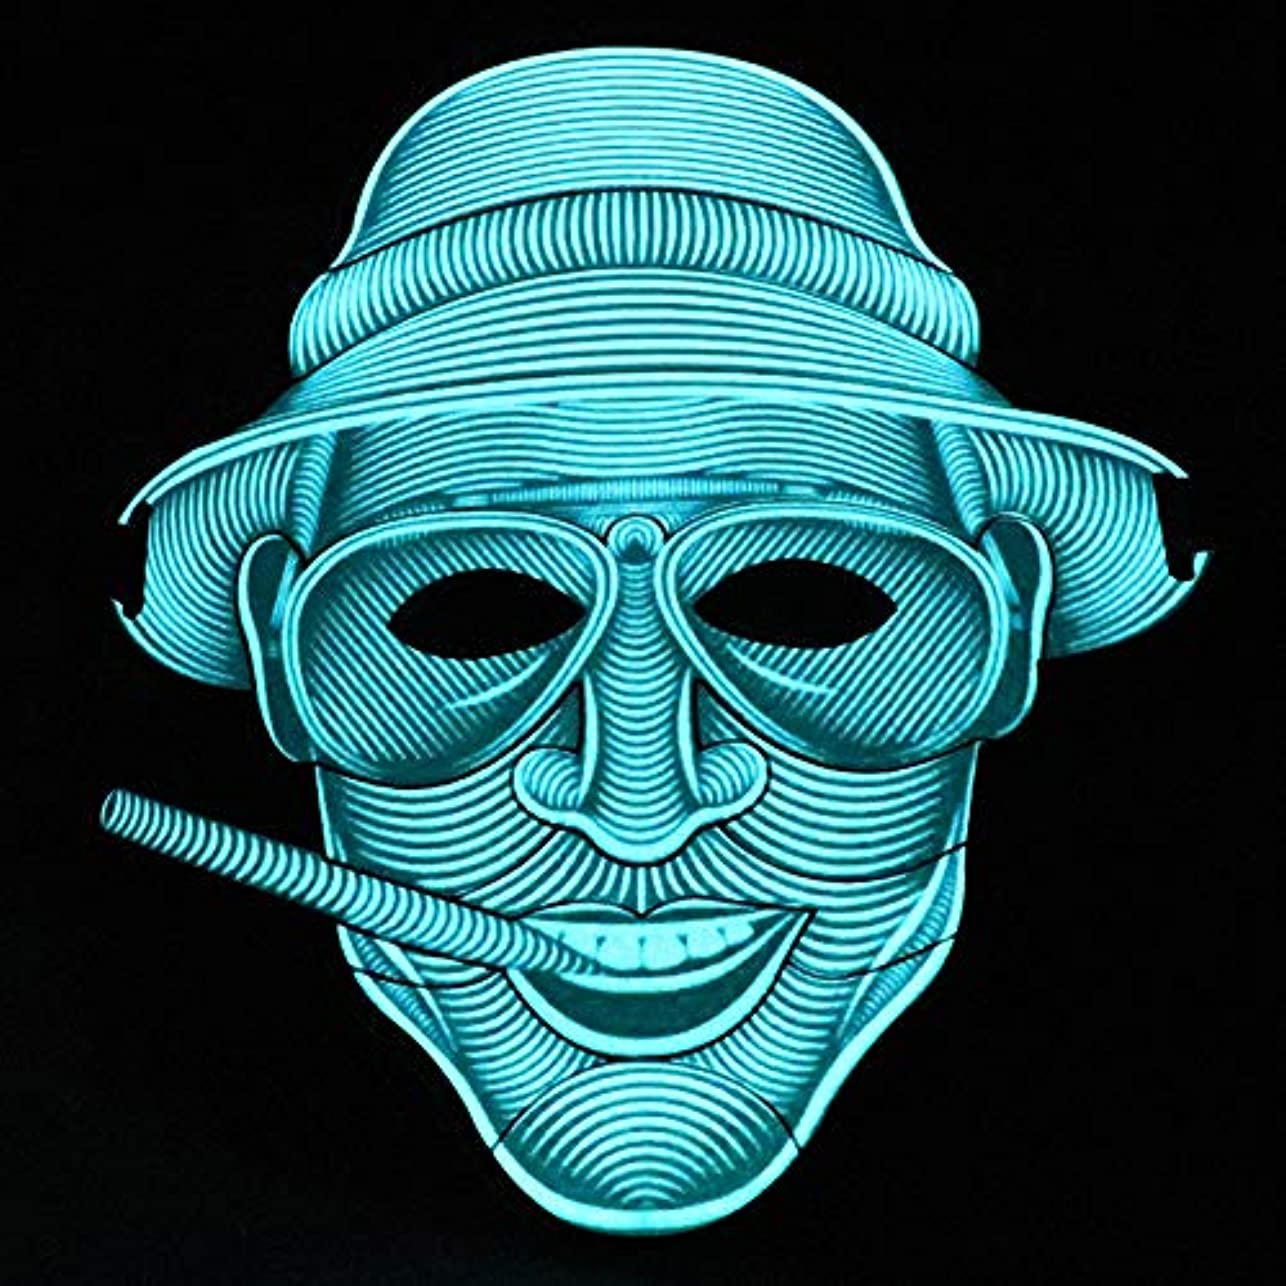 励起ラボ屈辱する照らされたマスクLED創造的な冷光音響制御マスクハロウィンバーフェスティバルダンスマスク (Color : #11)